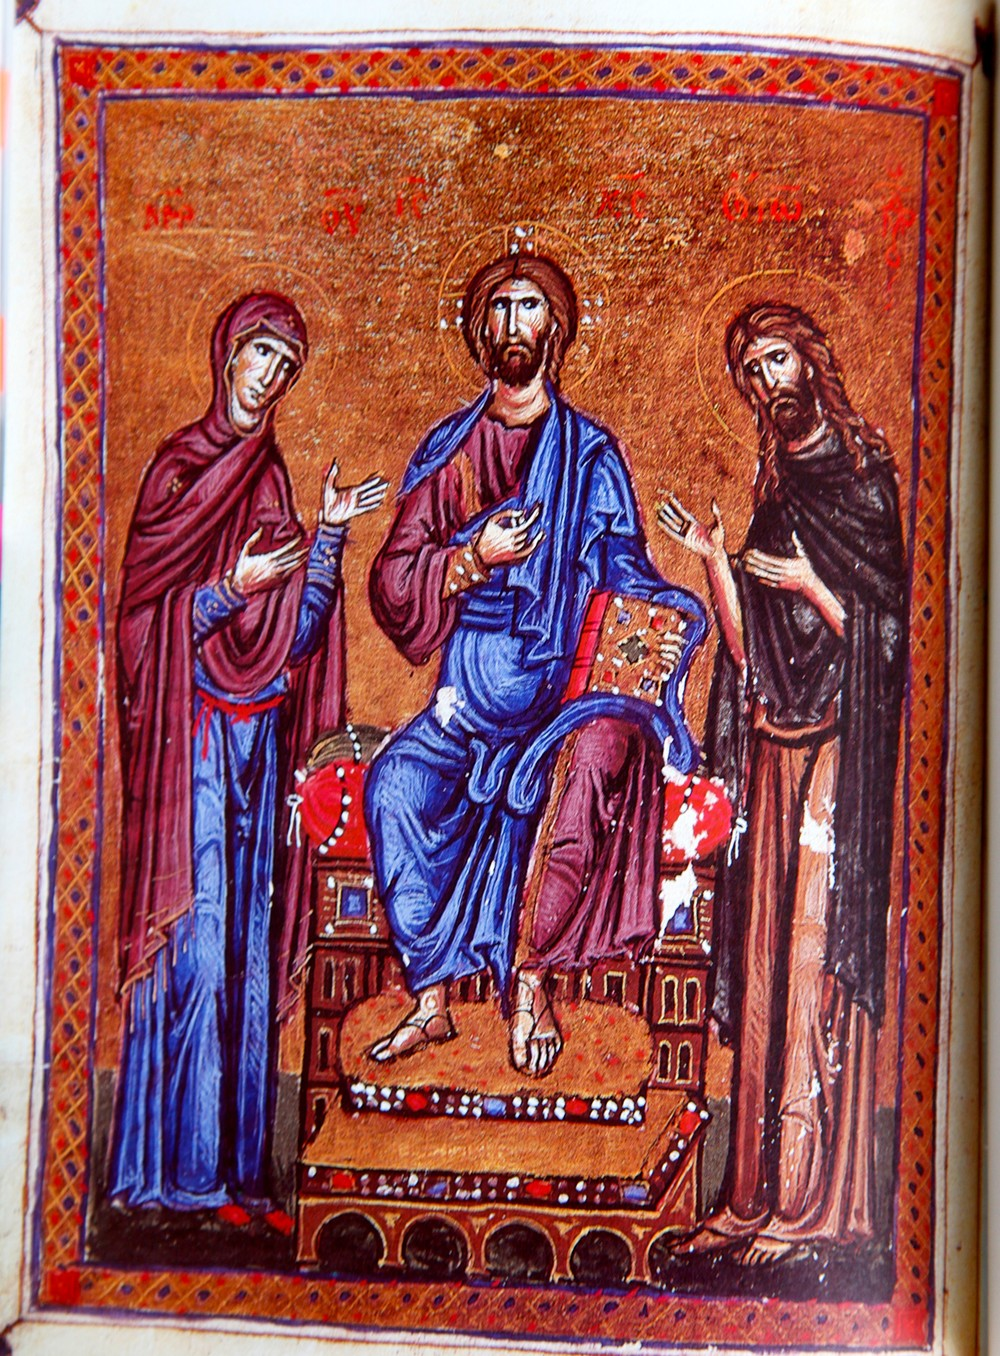 San Gregorio Taumaturgo, el Profeta que hizo más Milagros (Enero)